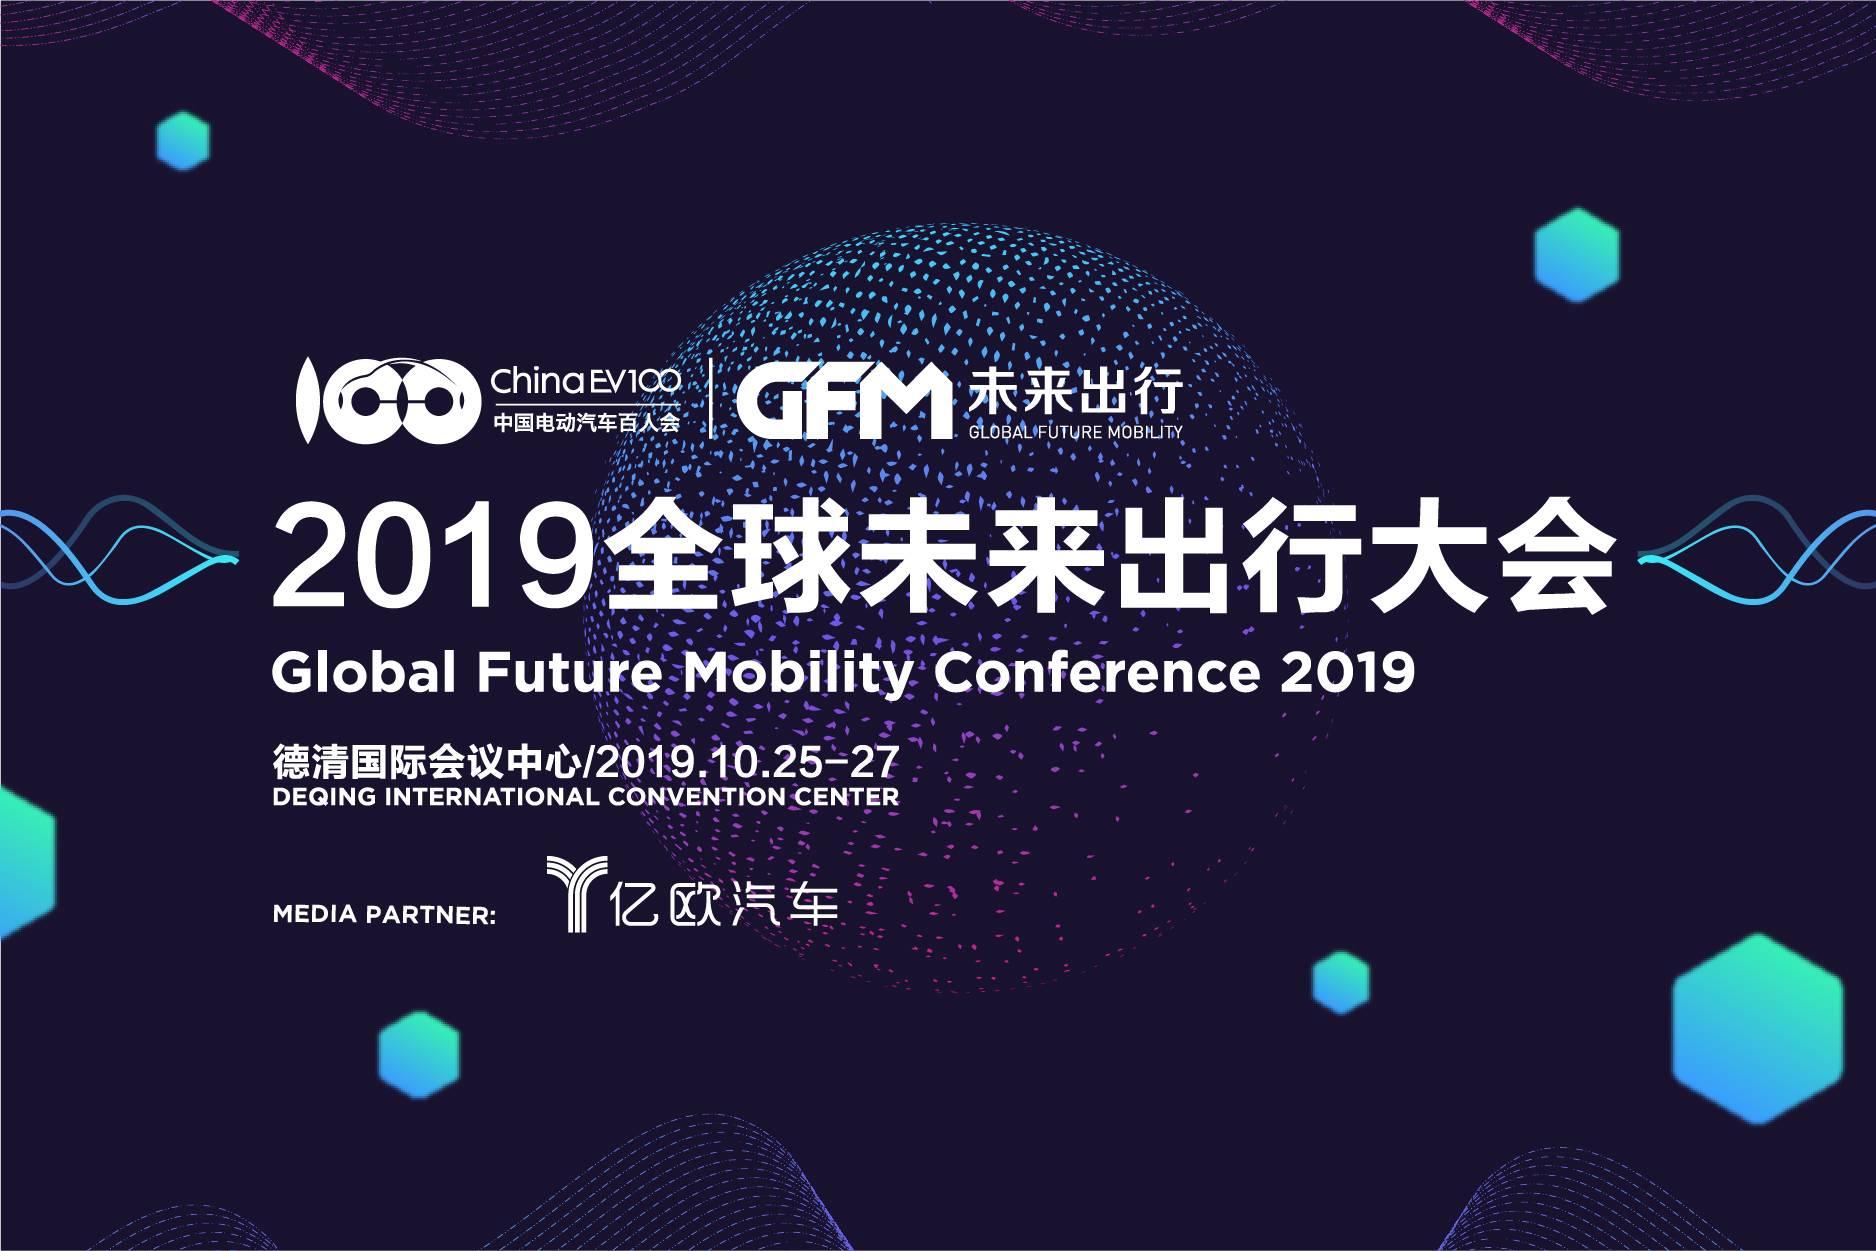 2019全球未来出行大会